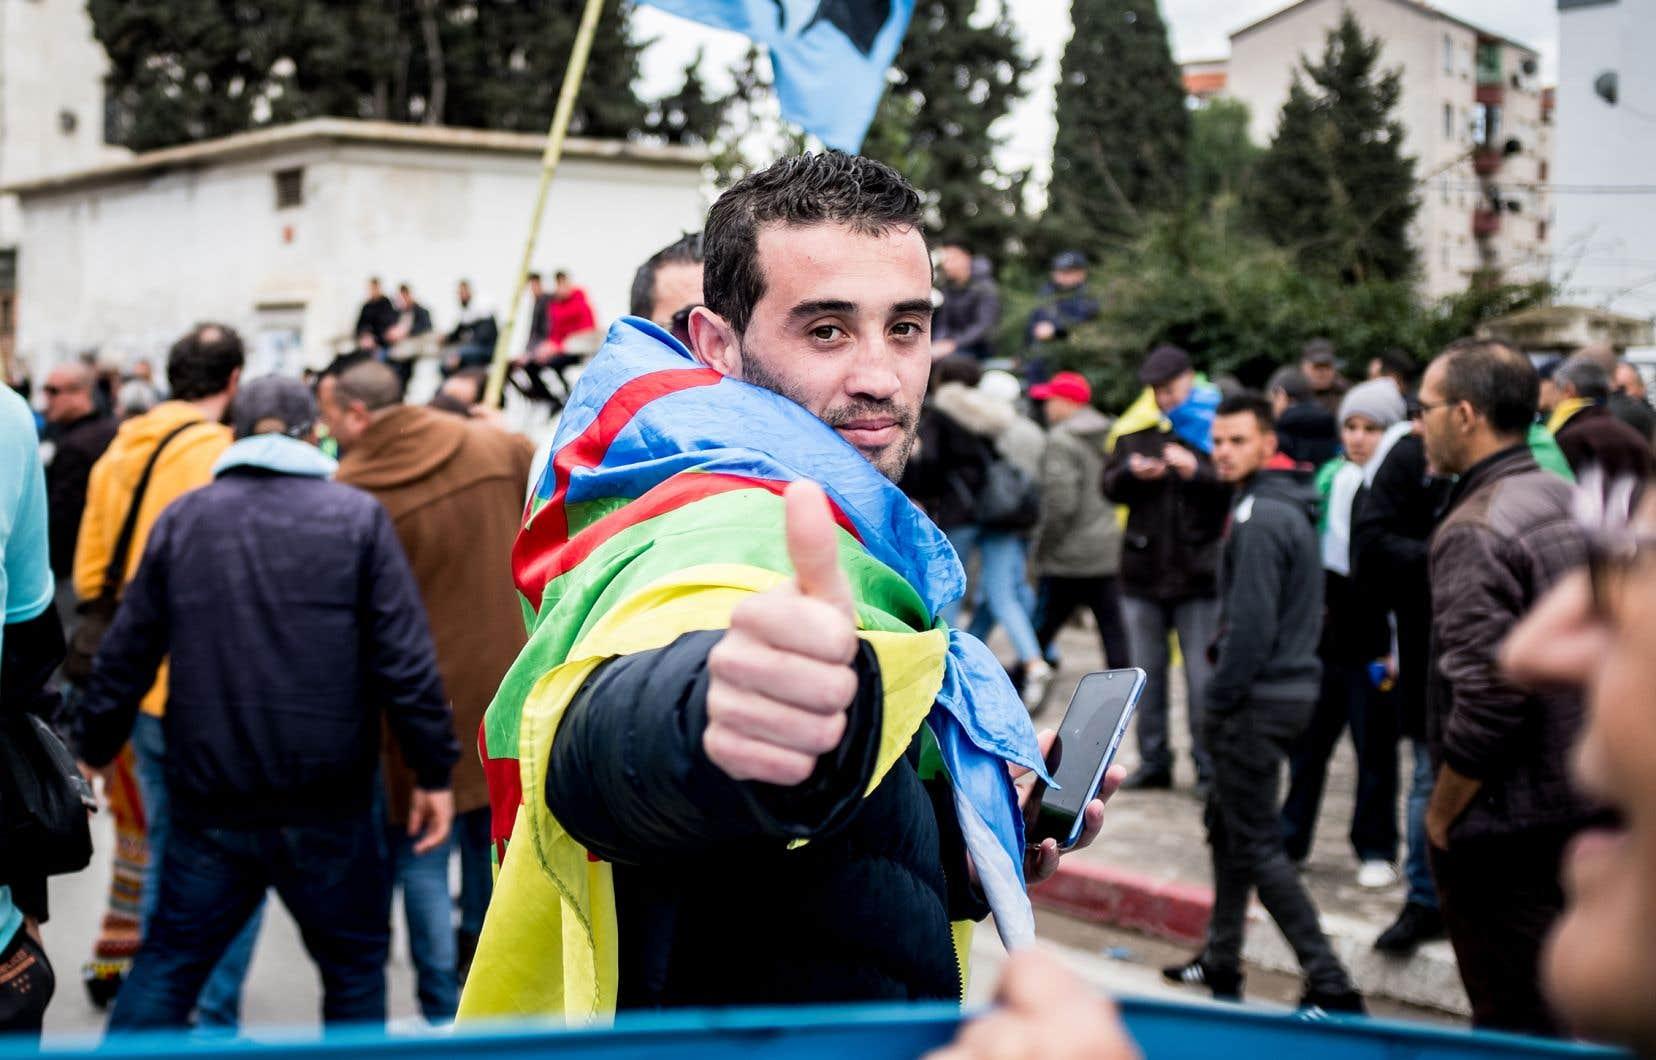 Selon Amnistie internationale, des centaines de personnes se sont retrouvées en prison au cours de l'année 2019 à la suite de manifestations du Hirak. C'est le cas de Hillal Yahiaoui, qui a passé 6 mois derrière les barreaux pour avoir exposé le drapeau berbère lors d'une manifestation en Algérie, le 28 juin 2019. Depuis sa sortie de prison, le 24 décembre dernier, M. Yahiaoui continue de manifester avec son drapeau berbère, comme sur cette photo.